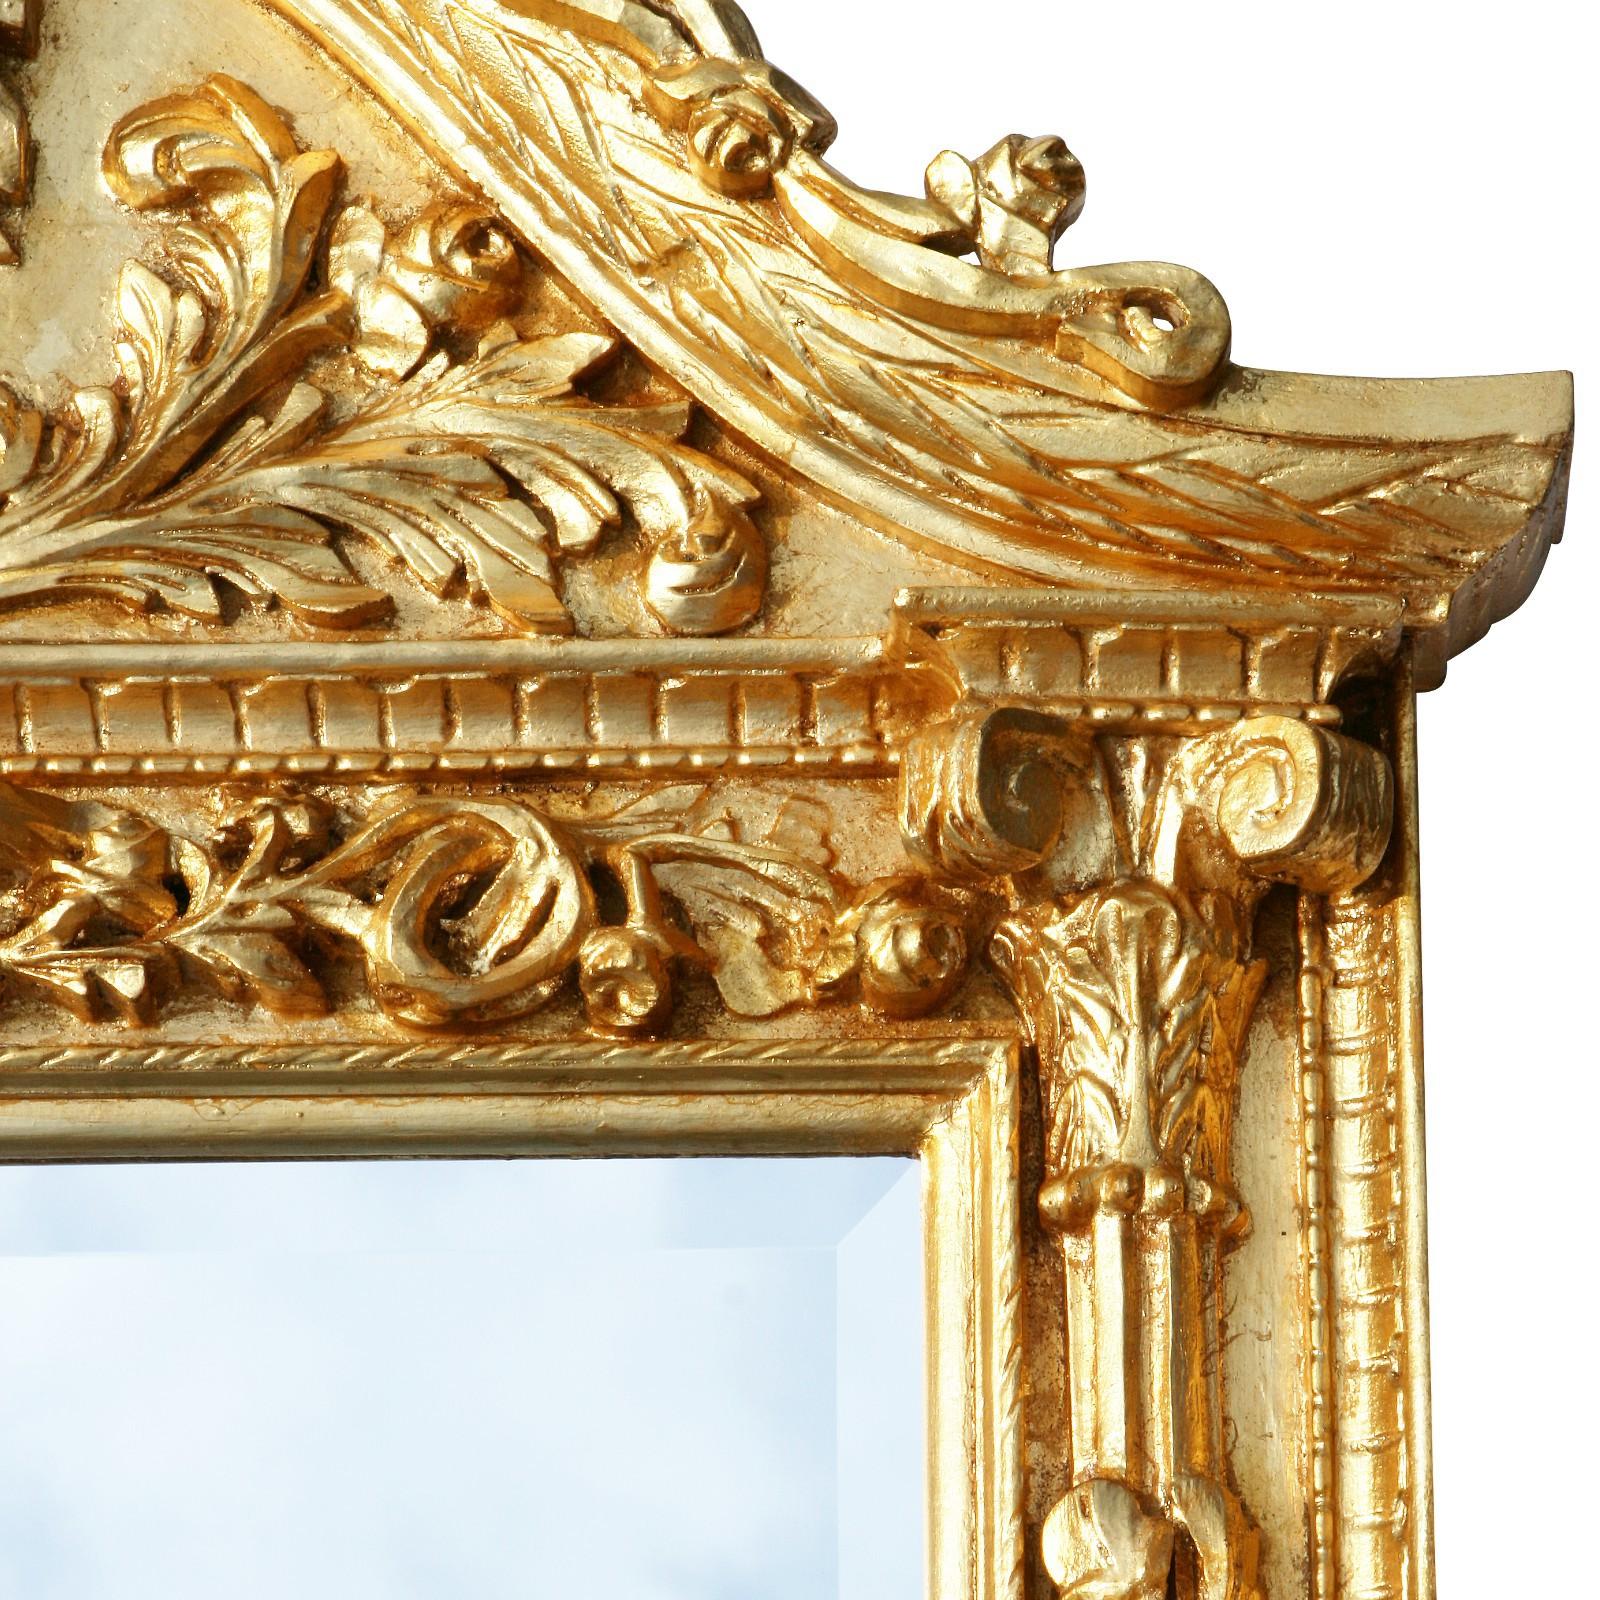 Luxurious Golden Wall Mirror Baroque Design Home Décor